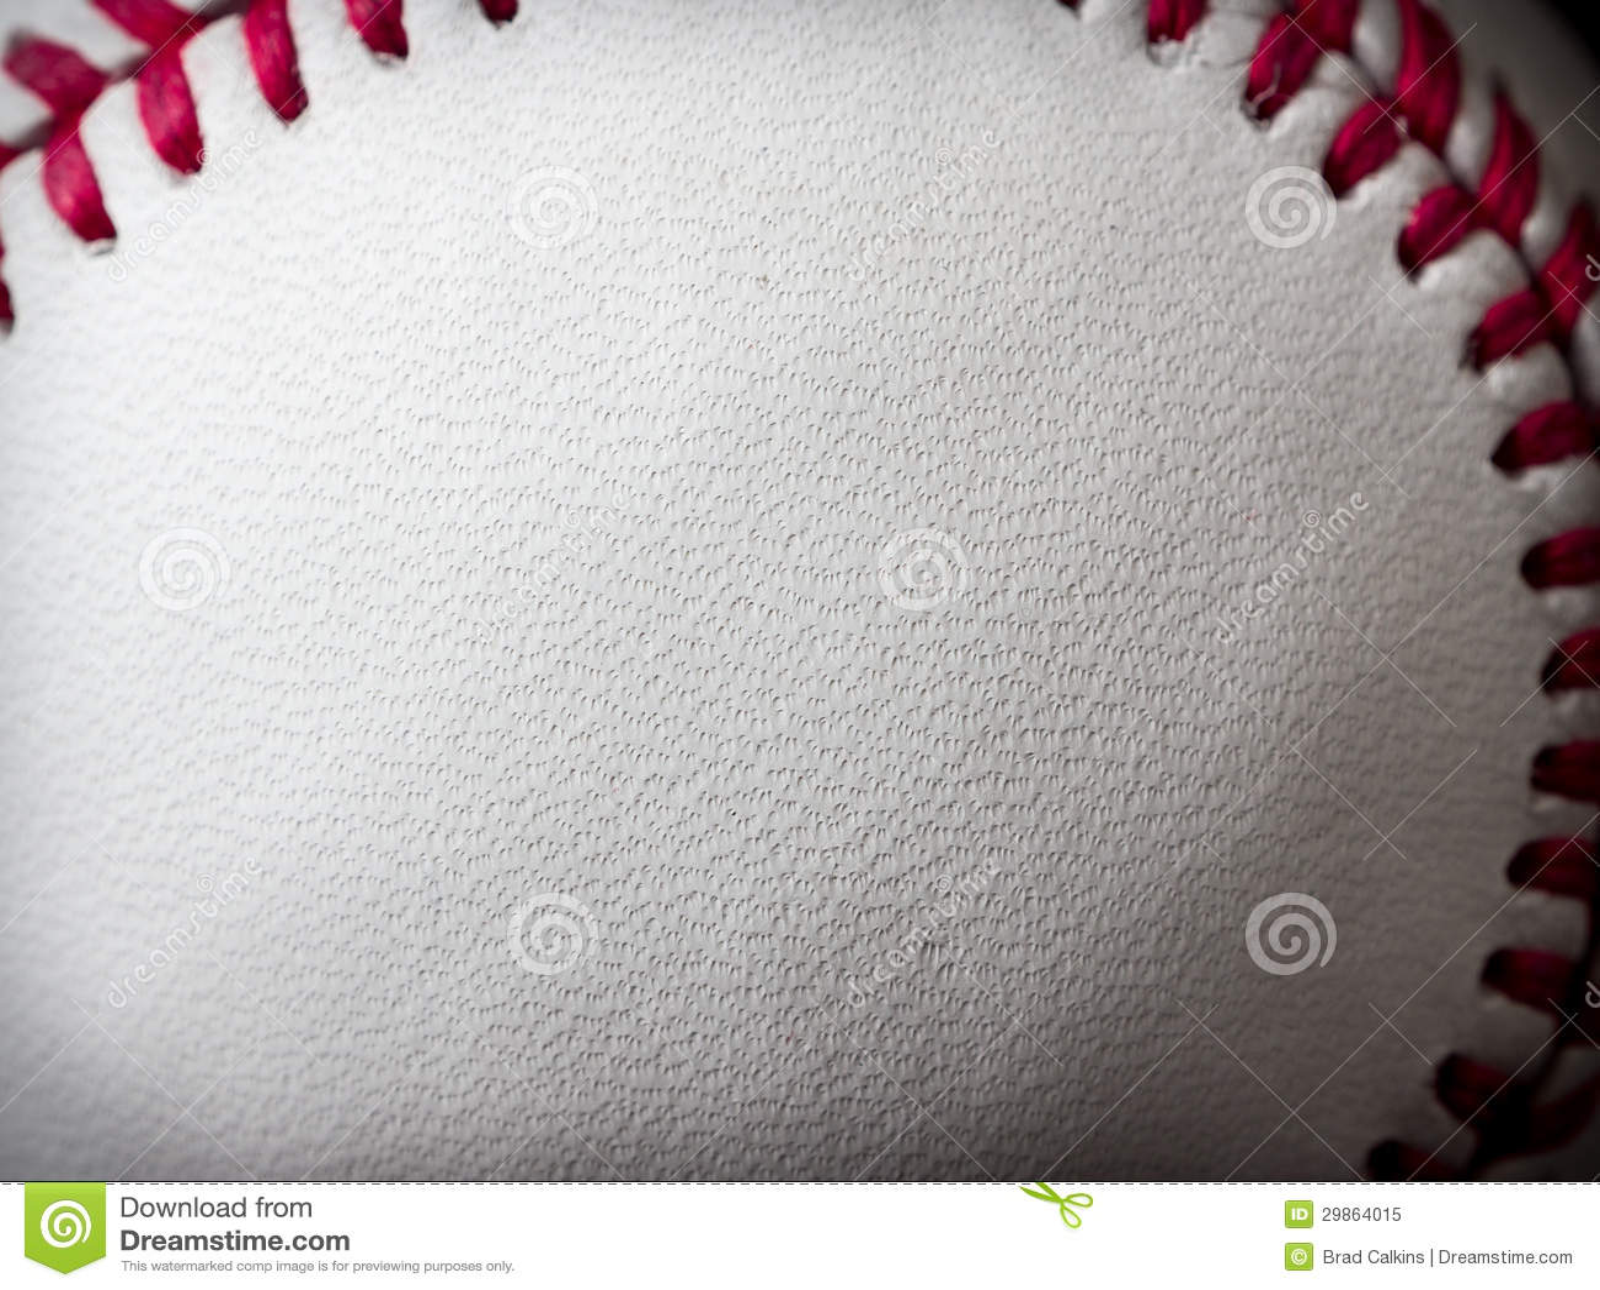 baseball leather royalty free stock photo image 29864015